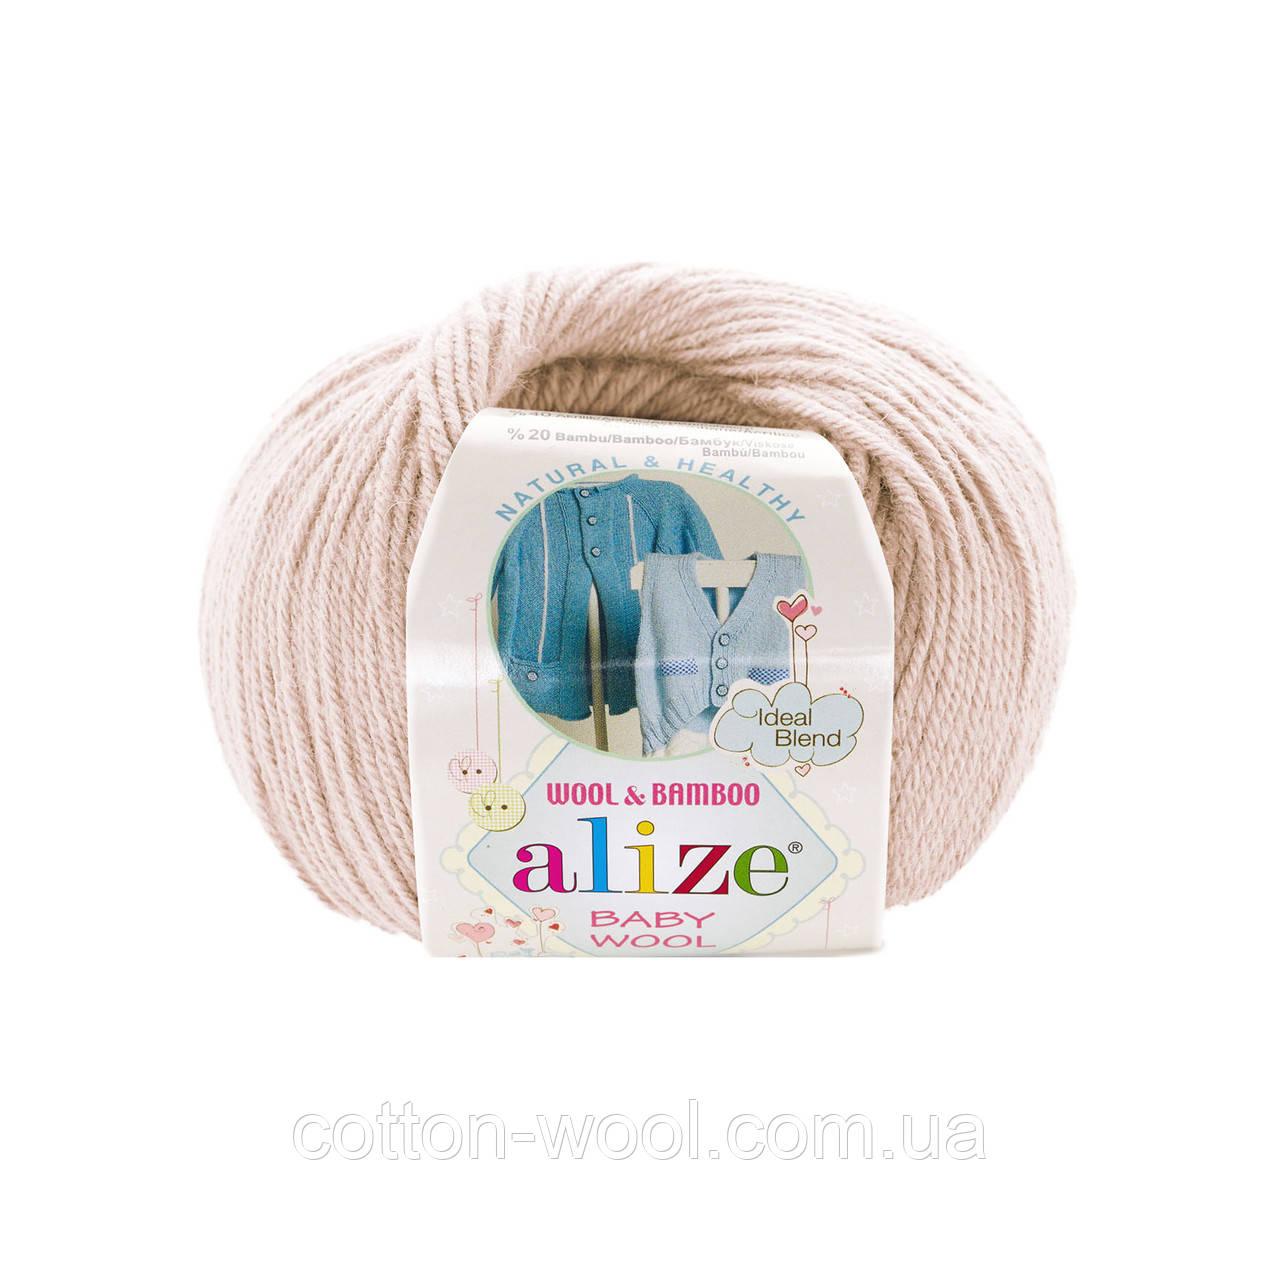 Alize Baby wool (Ализе Беби вул) 382 детская пряжа